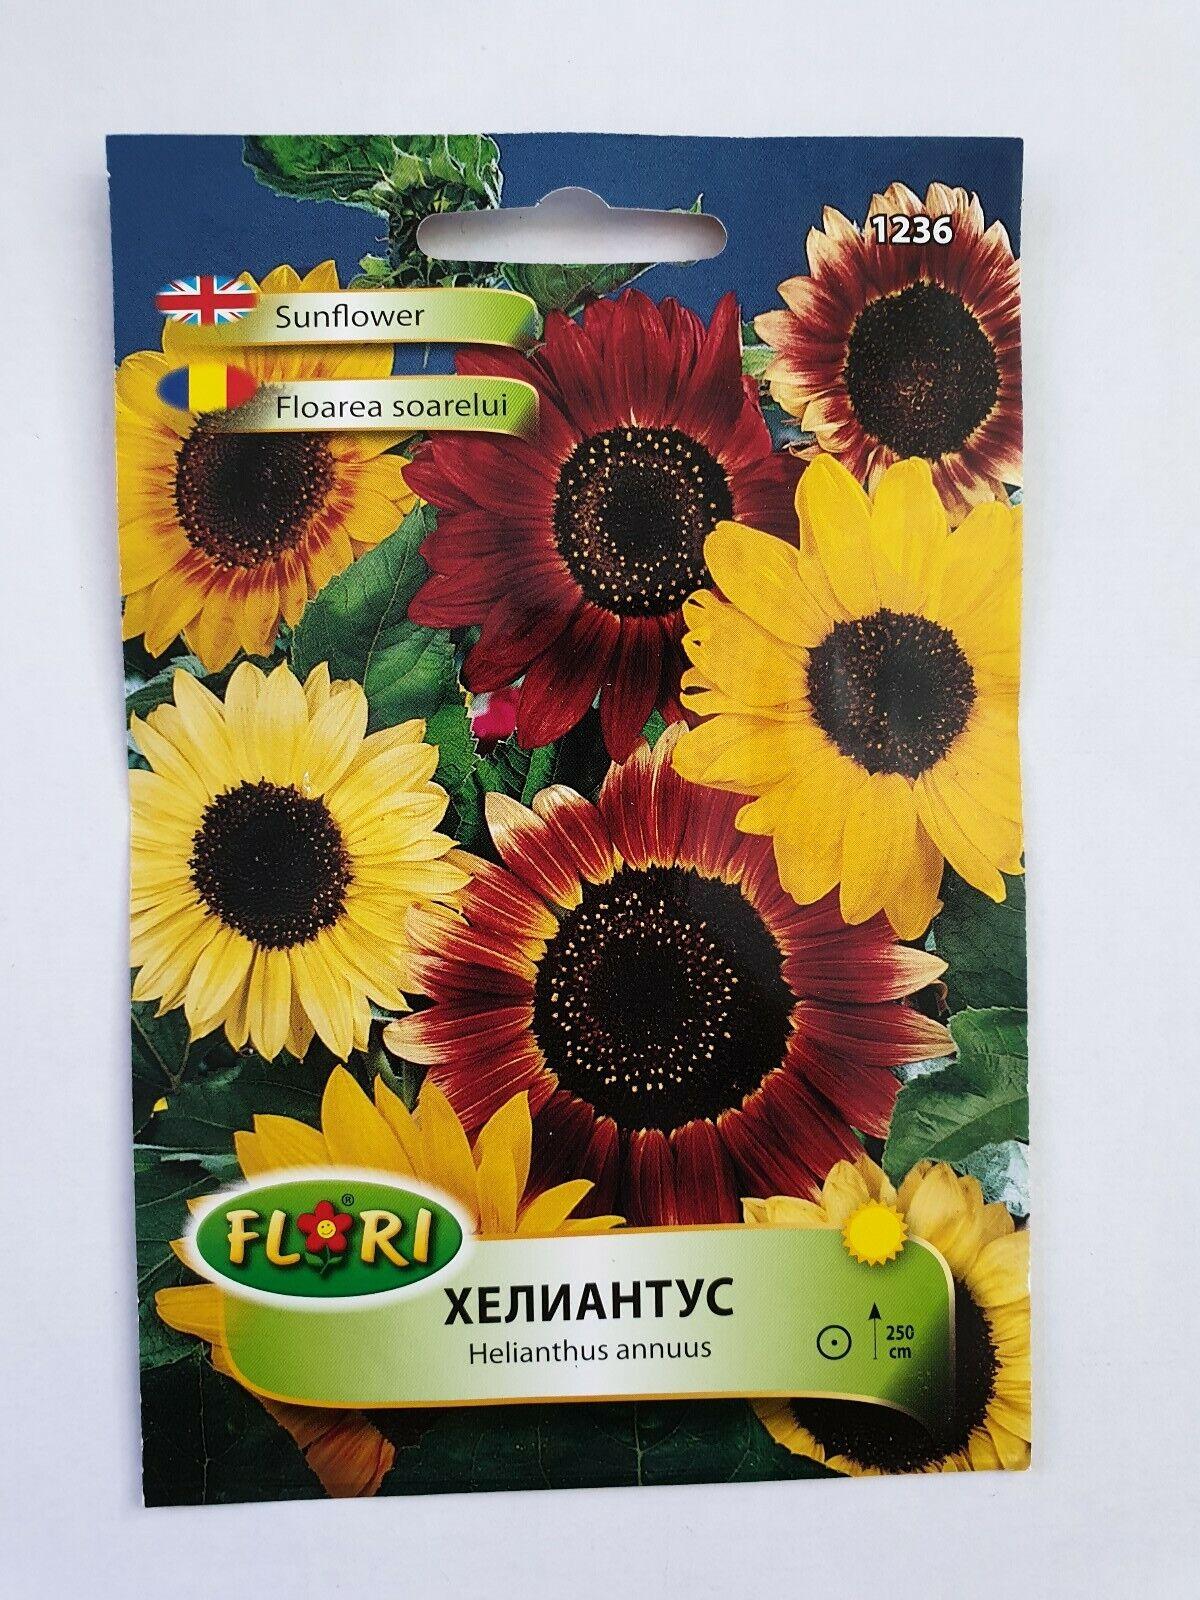 Sunflower mix tall flower approx 60 seeds Summer garden yellow red orange 1236